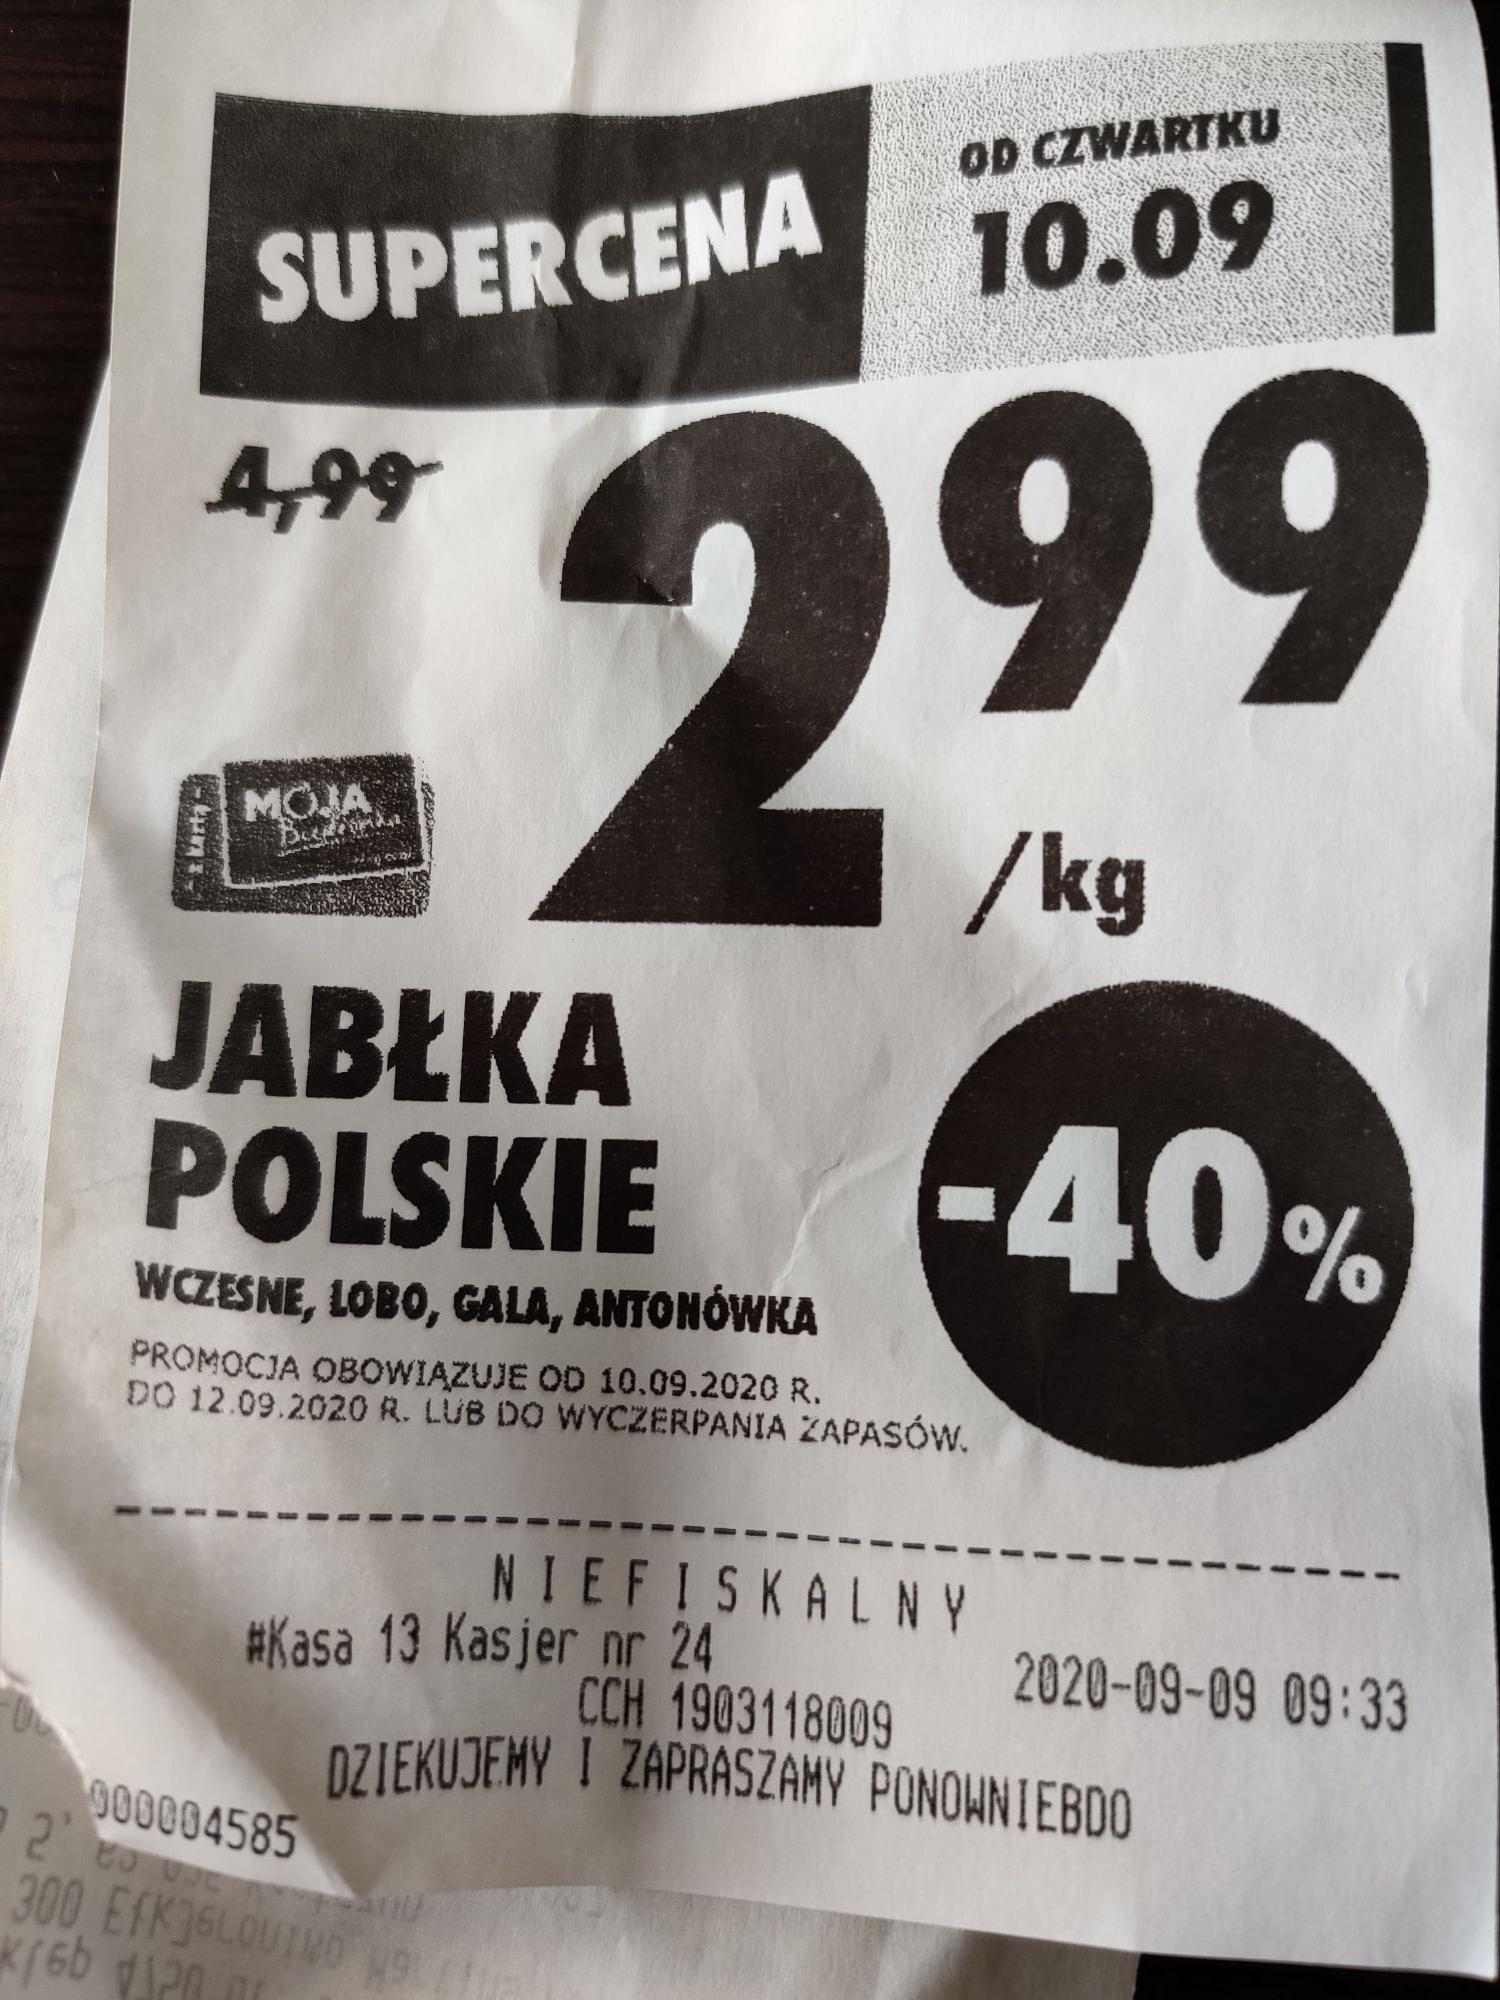 Jabłka polskie wczesne - Lobo, Gala, Antonówka